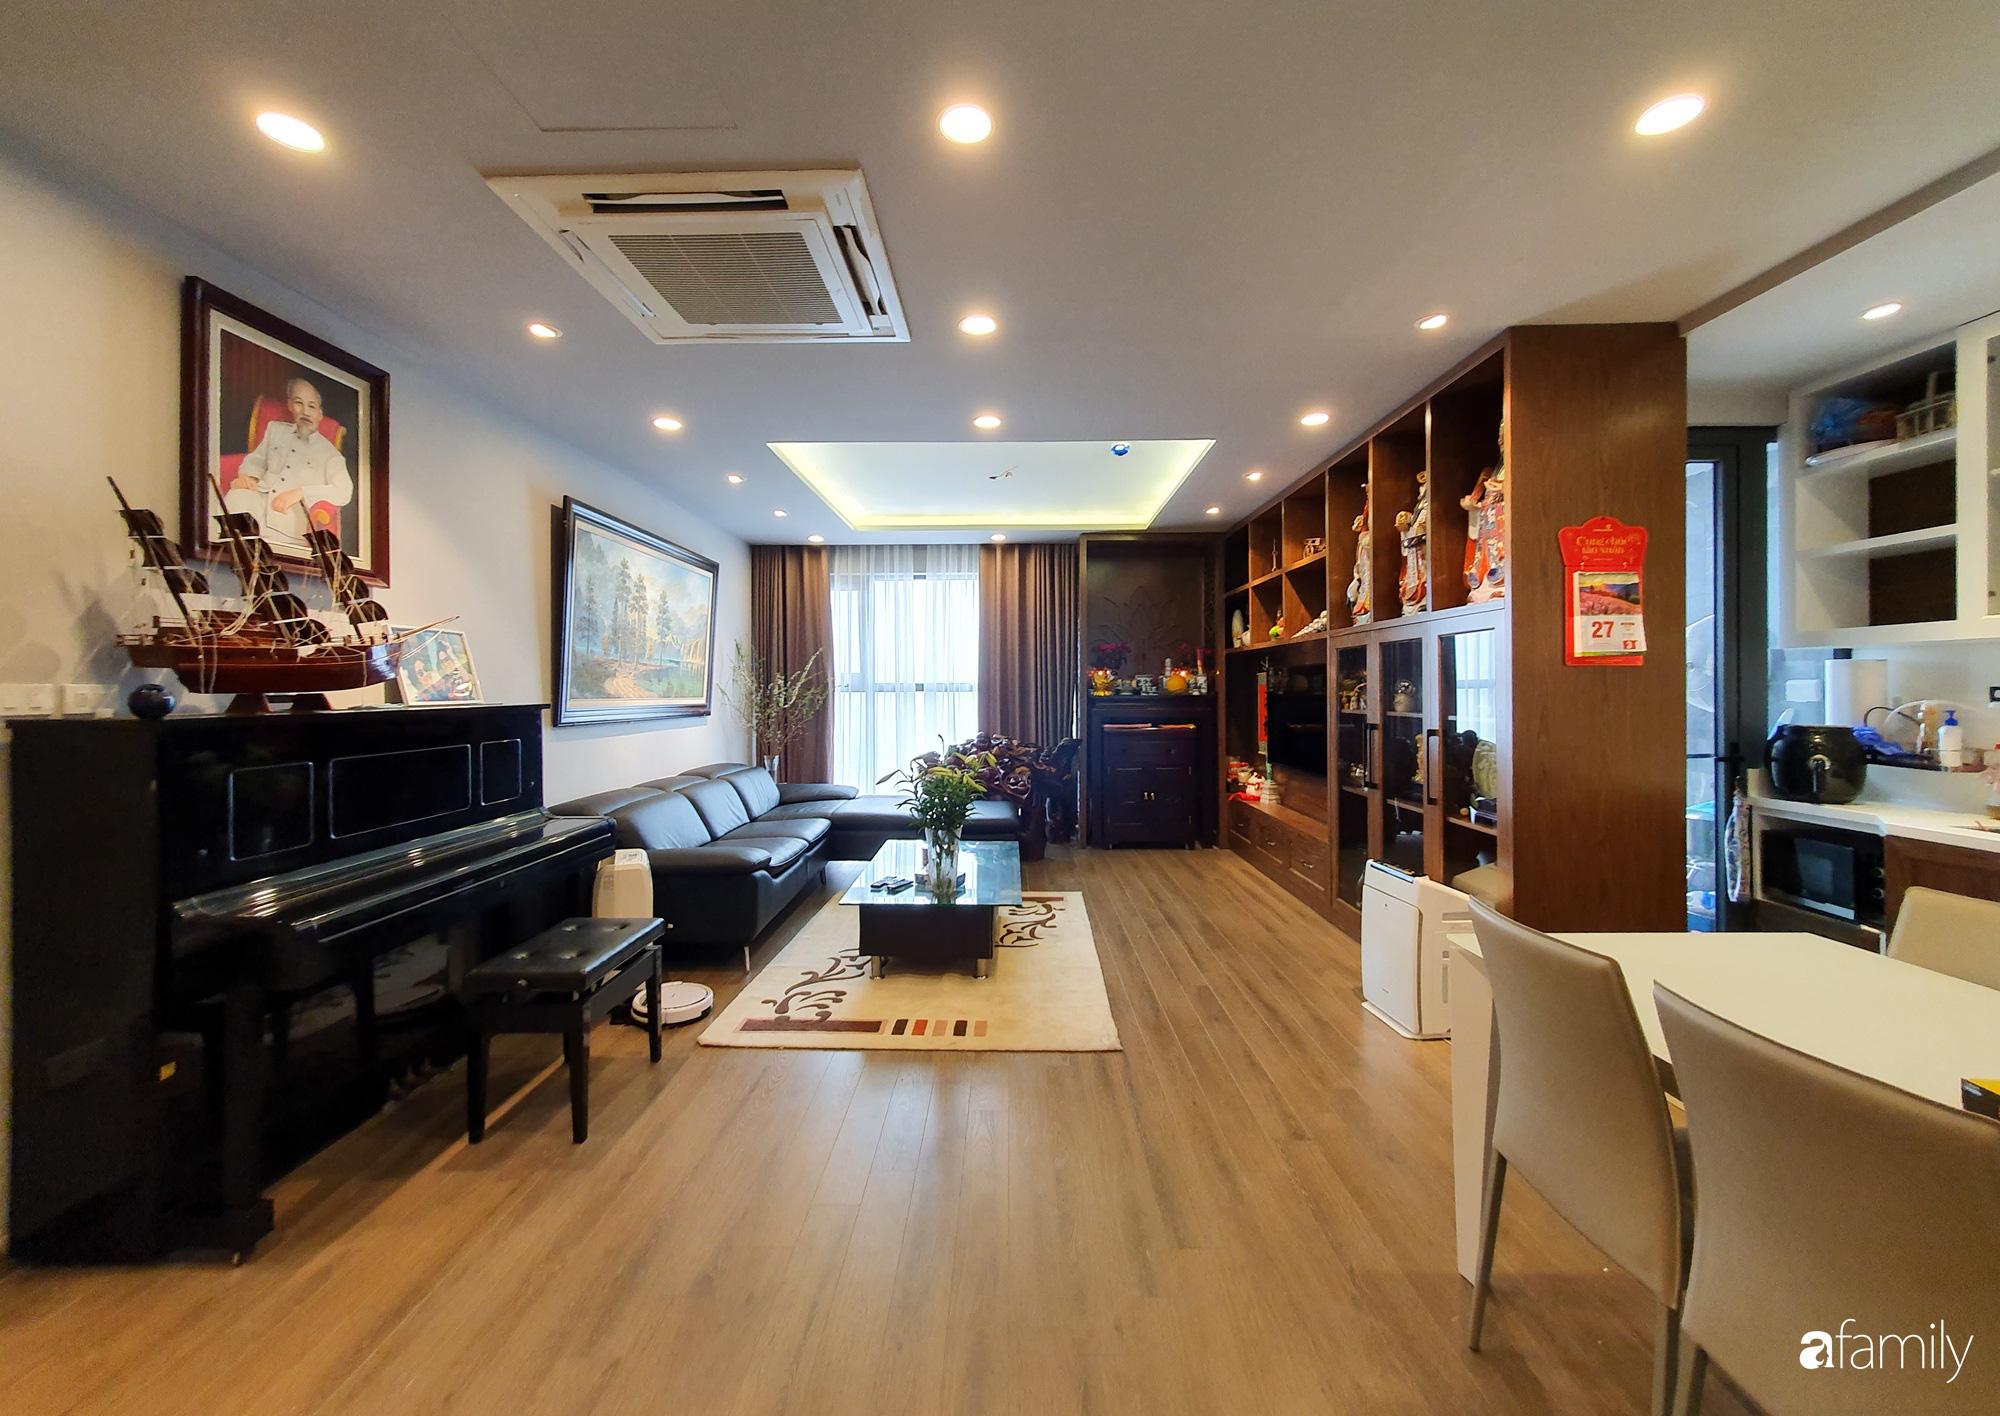 Căn hộ 116m2 hoàn thiện nội thất chưa đầy 1 tháng vẫn đẹp hiện đại, nền nã ở Cầu Giấy, Hà Nội - Ảnh 5.